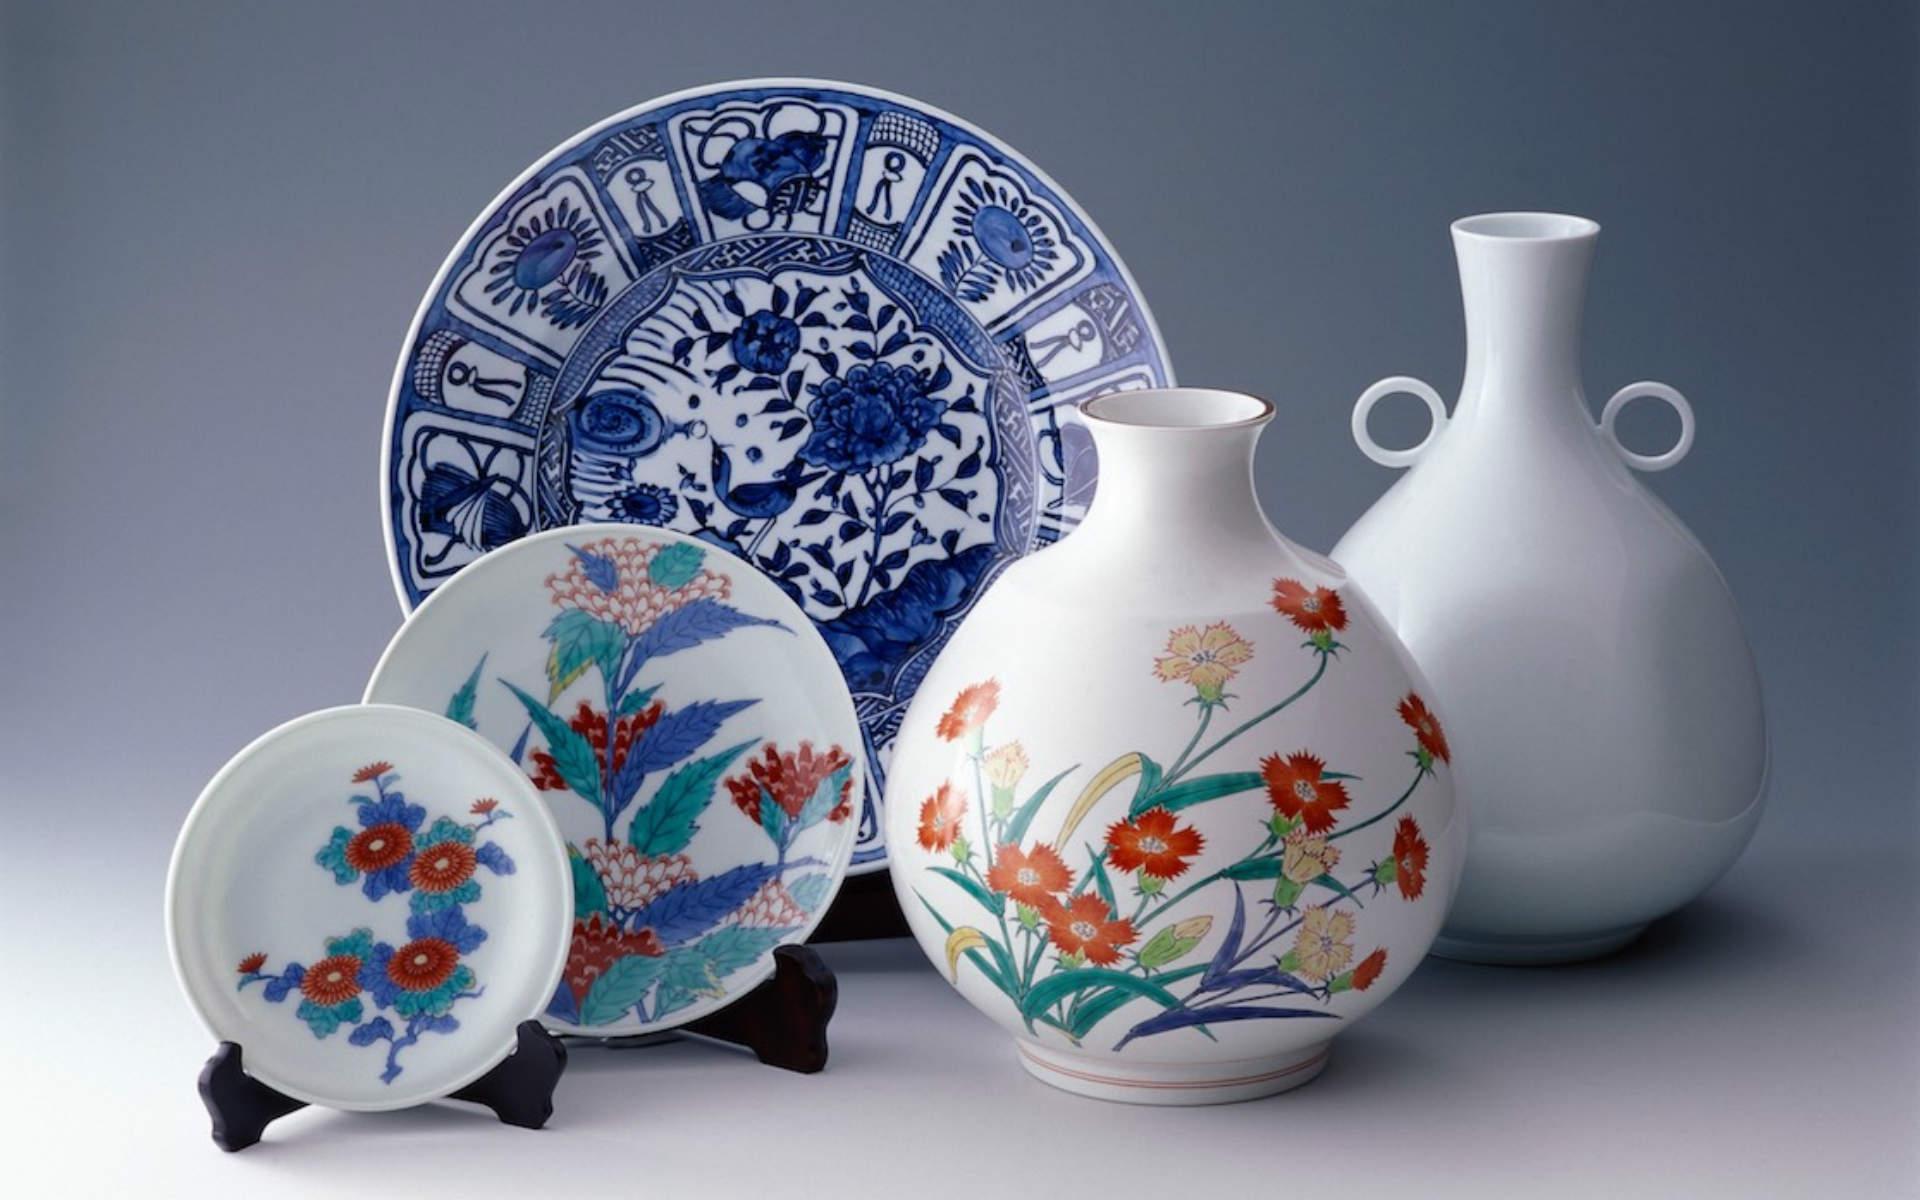 華やかな絵付けの伝統的な有田焼。有田観光協会提供。